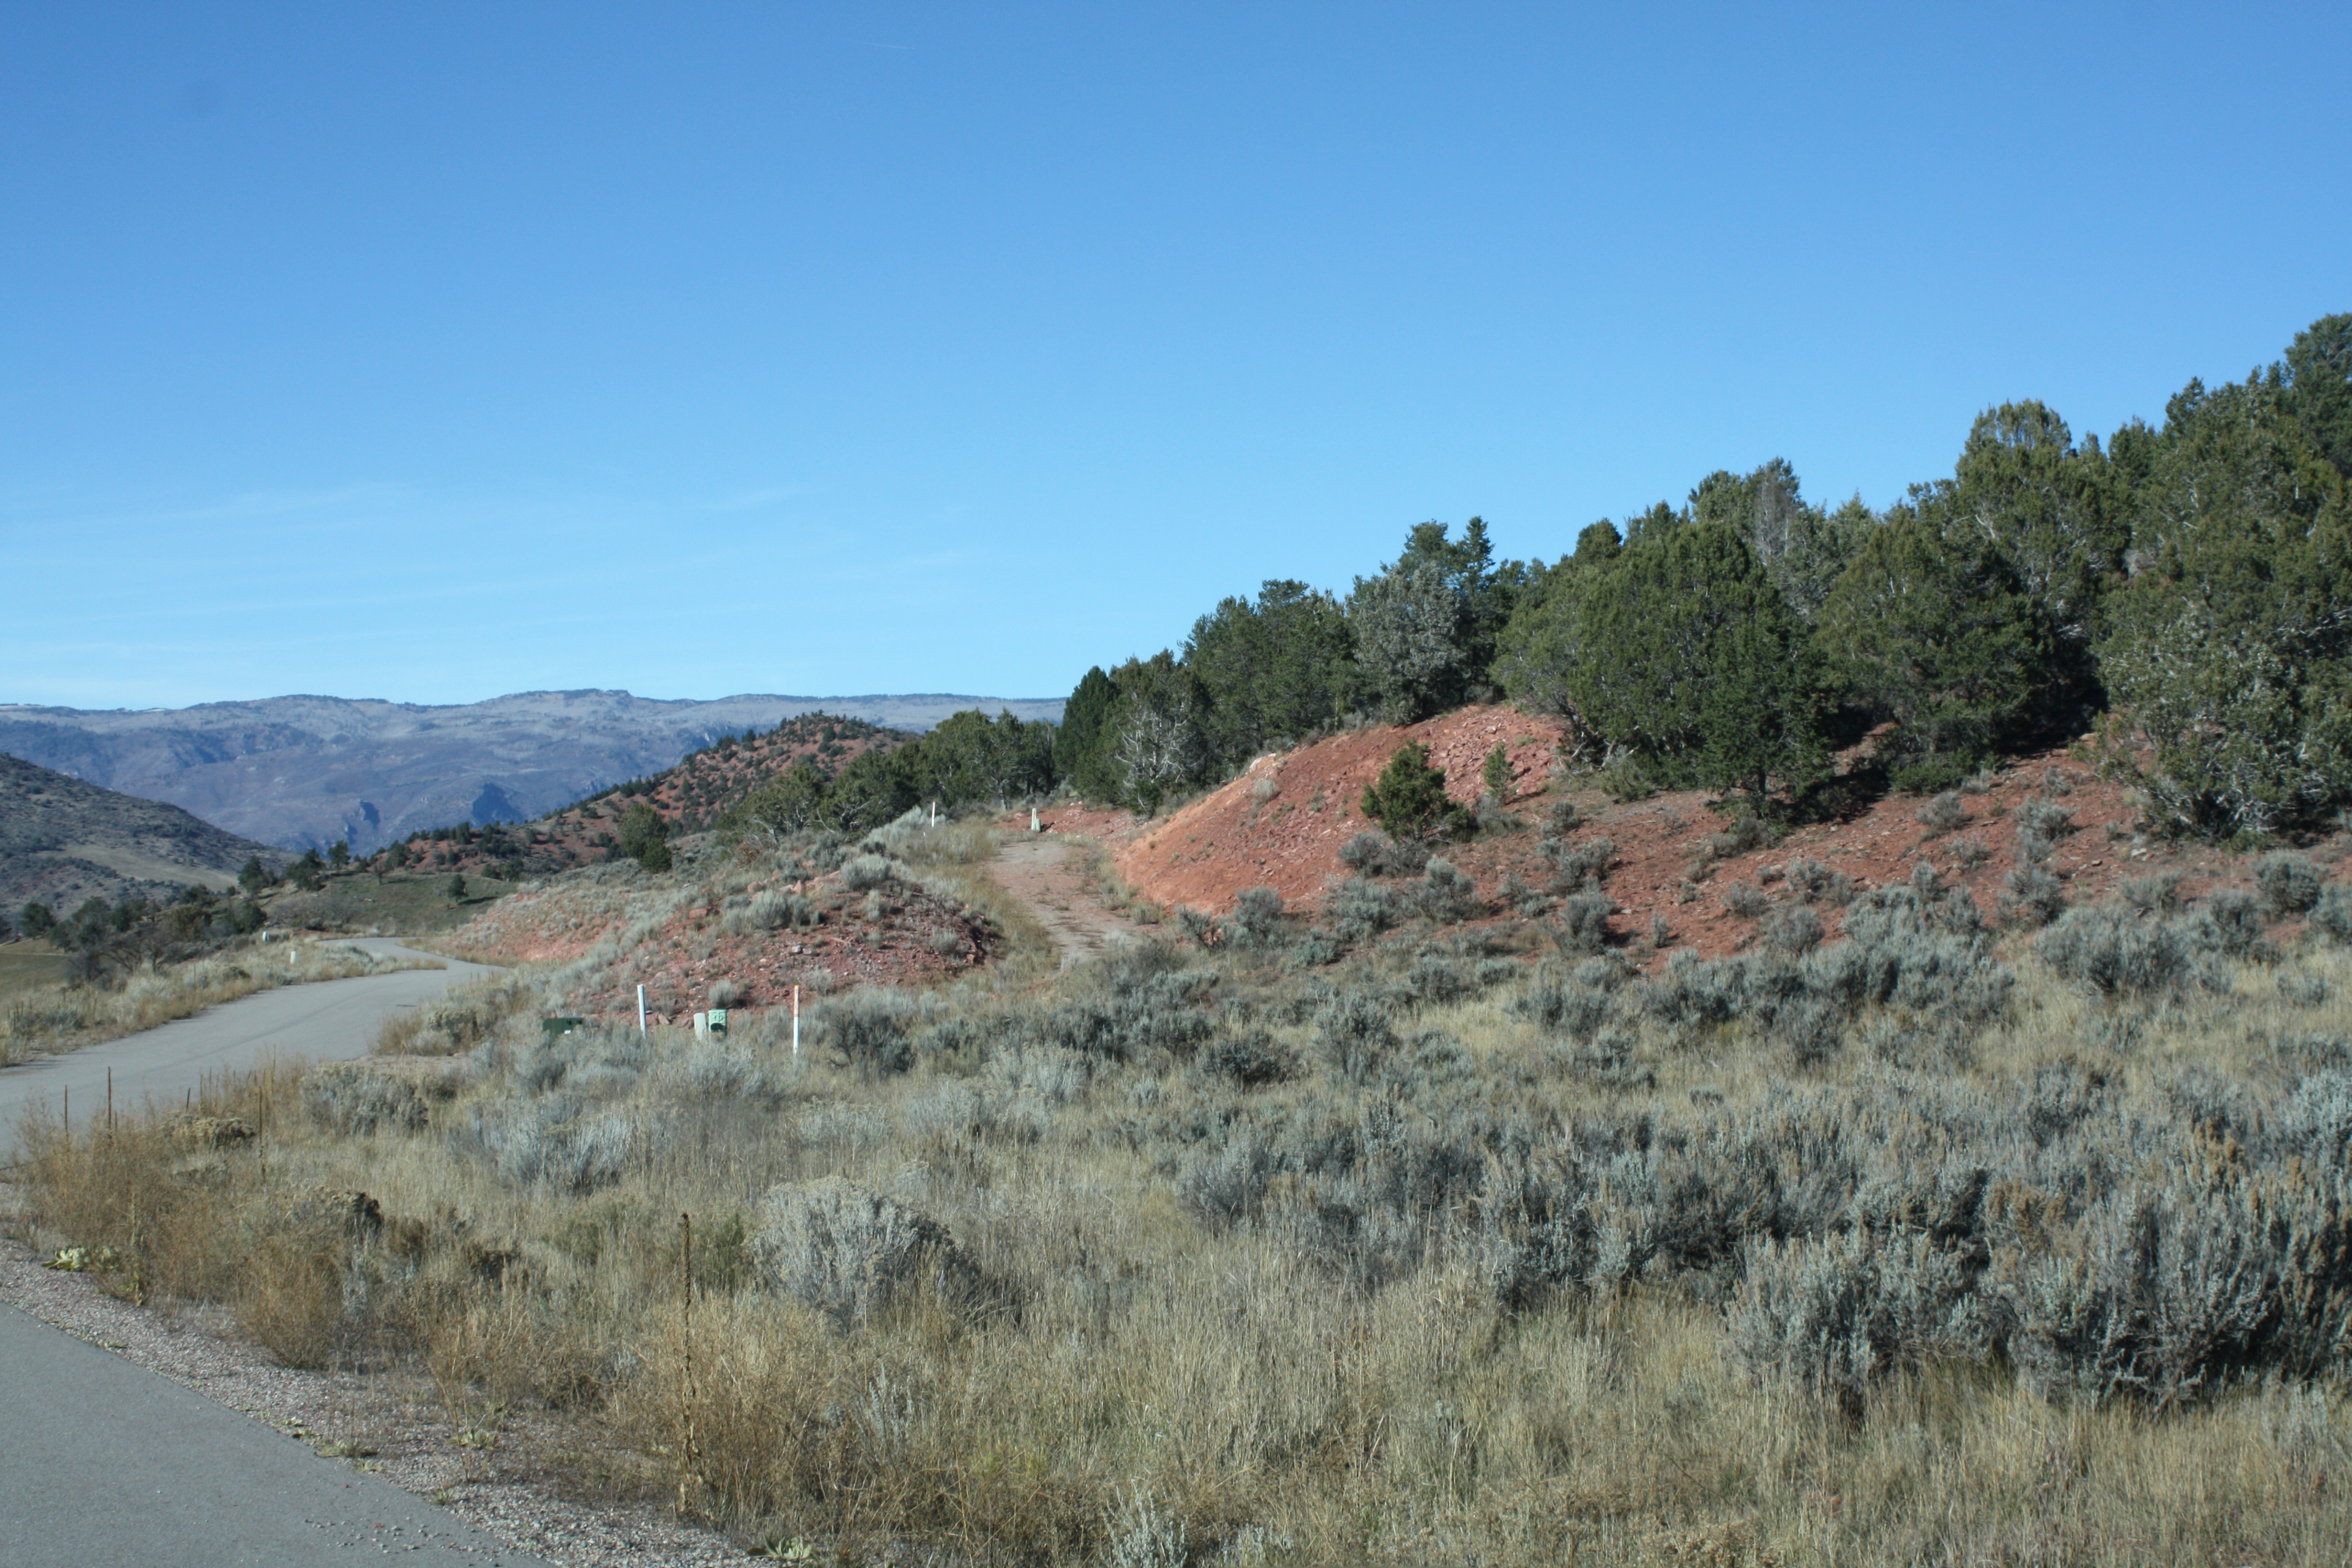 Land for Sale at Lot 61 Springridge Reserve Lot 61 Hidden Valley Glenwood Springs, Colorado, 81601 United States